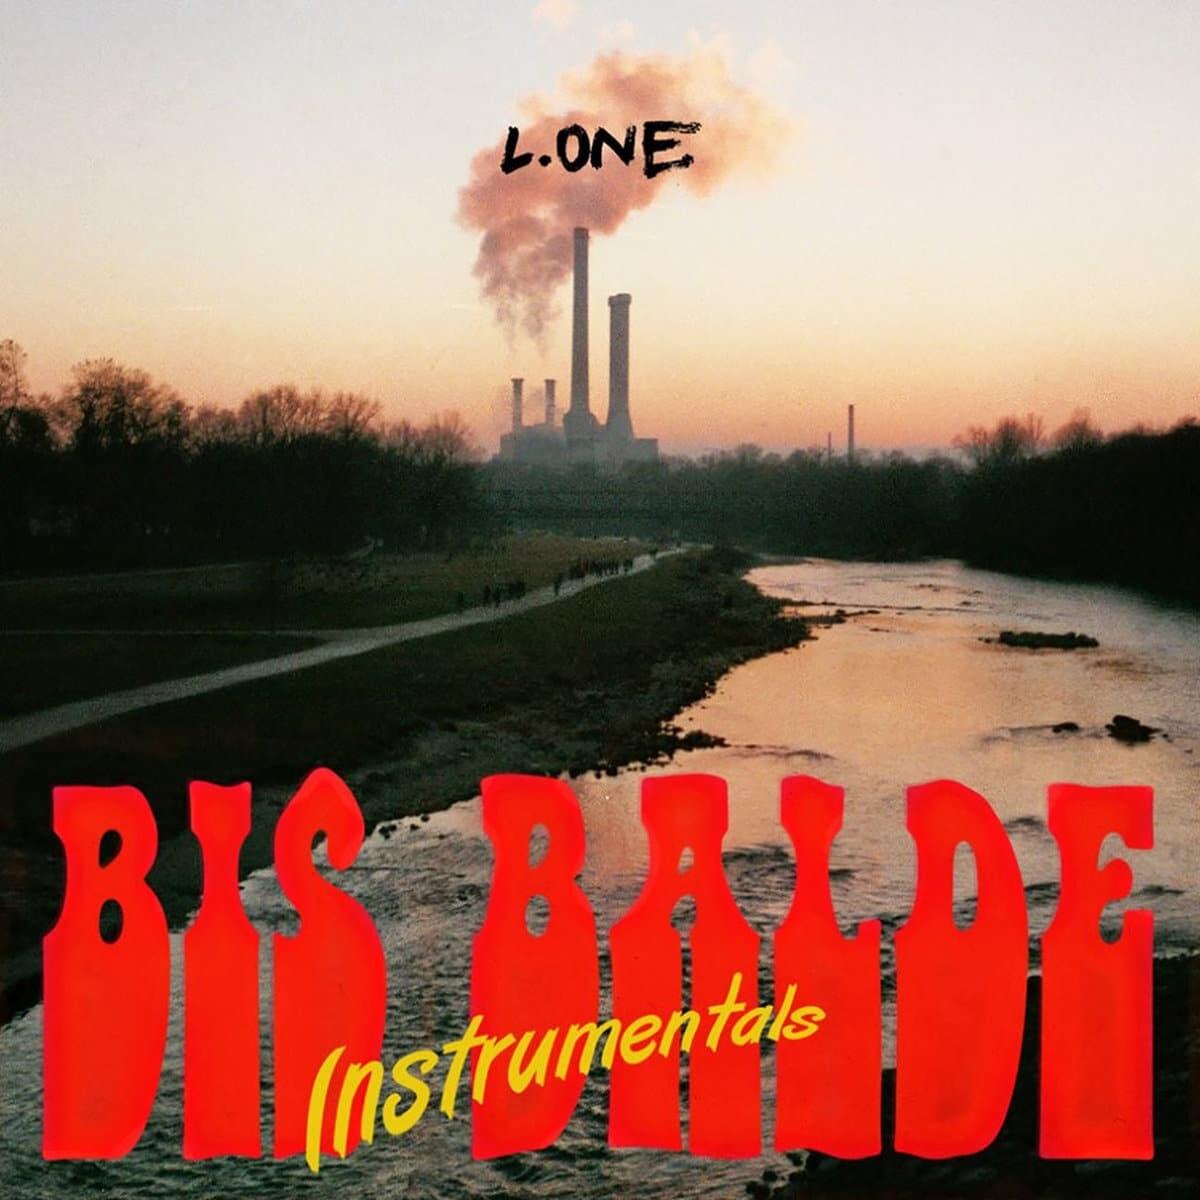 L-One - Bis Balde Instrumentals - Bumm Clack Records